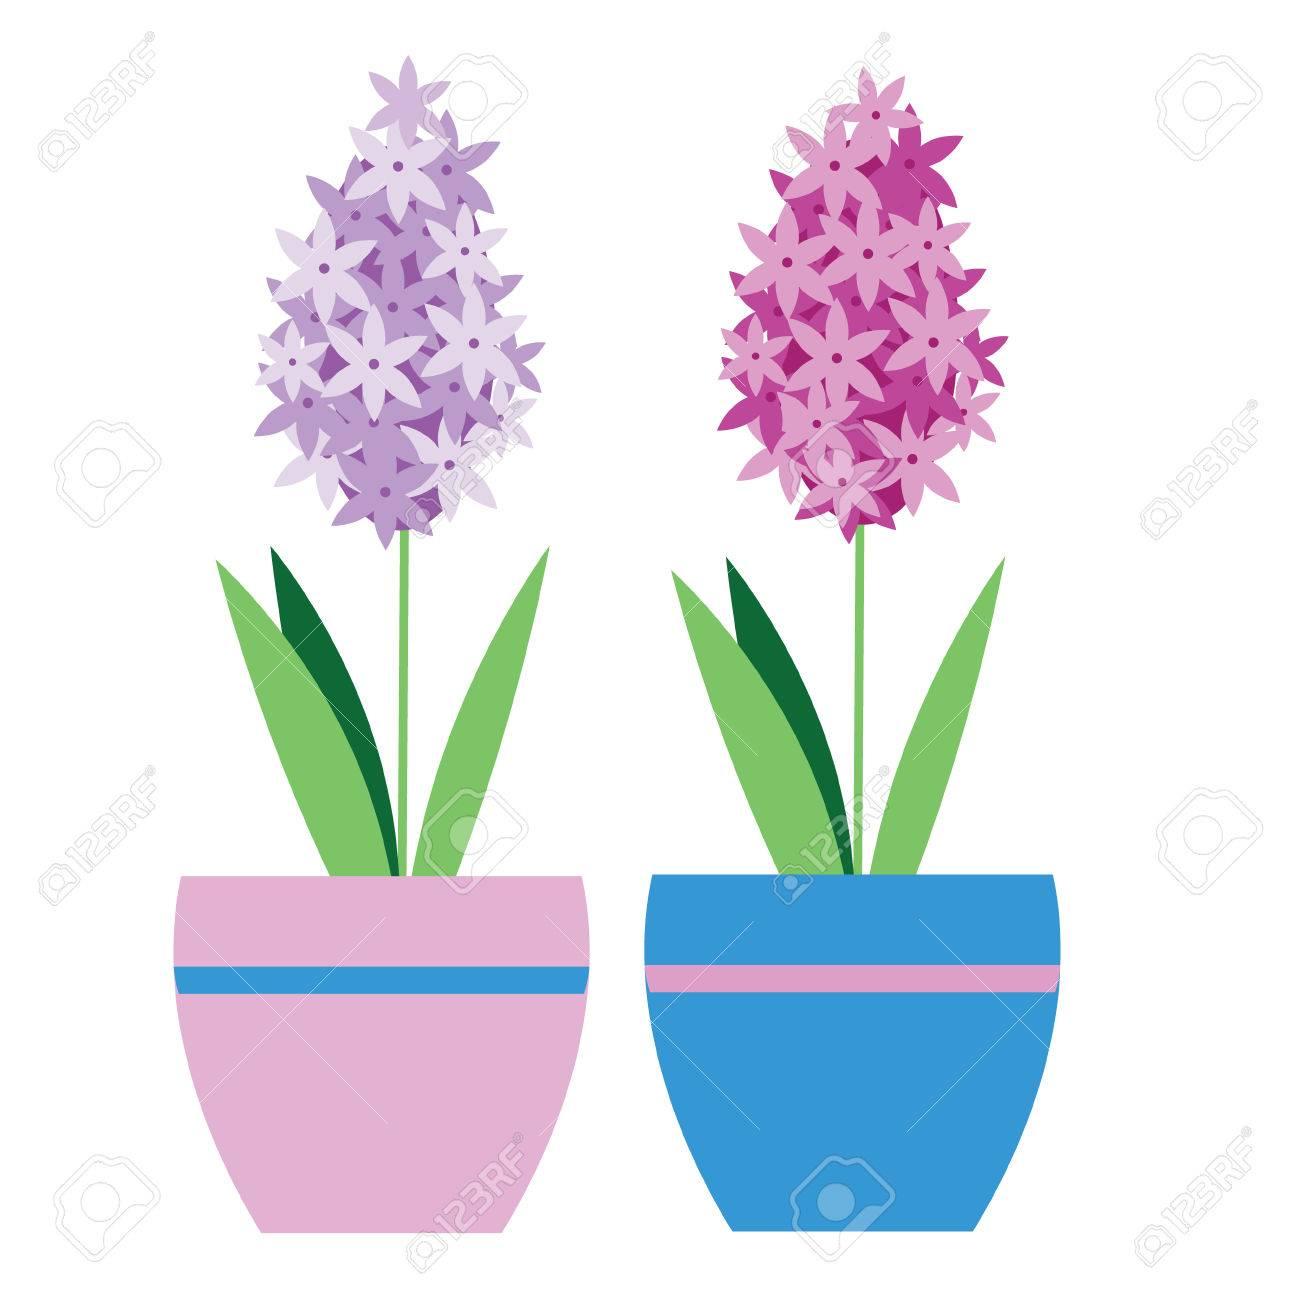 Usine De Jacinthe Isole Dans Un Pot De Fleurs Vector Illustration